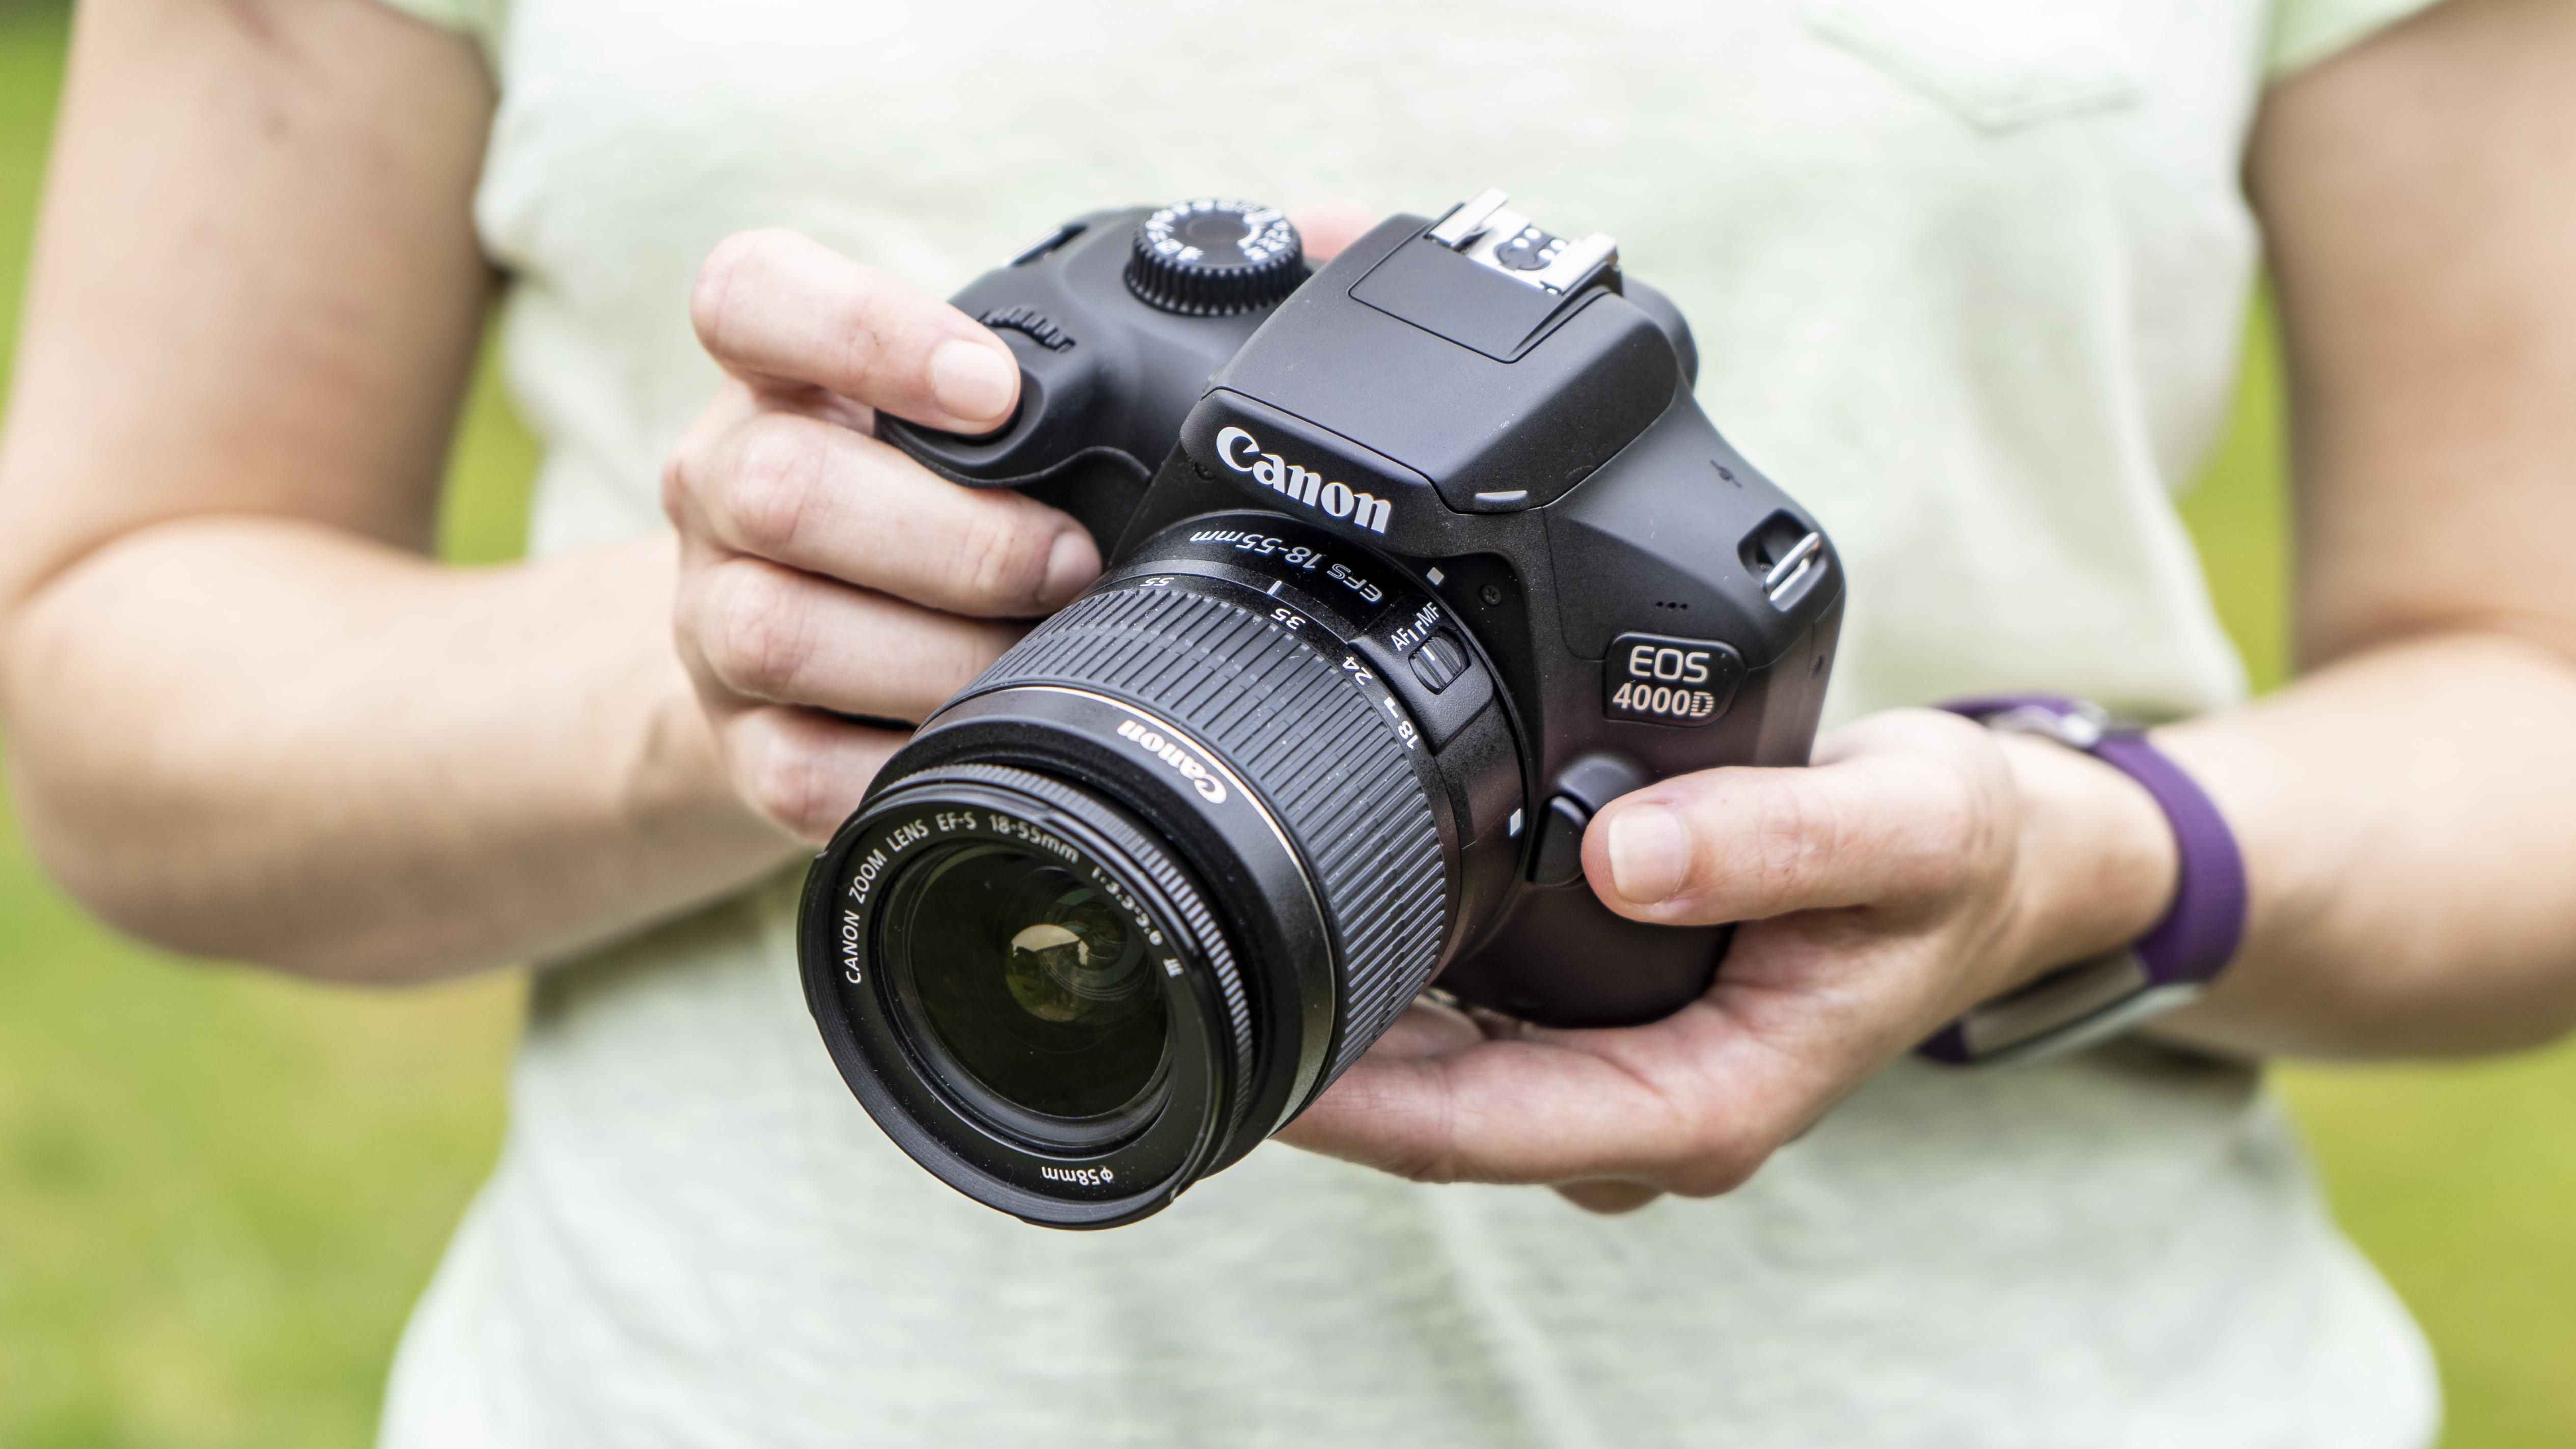 Canon Eos Rebel T100 Eos 4000d Review Techradar